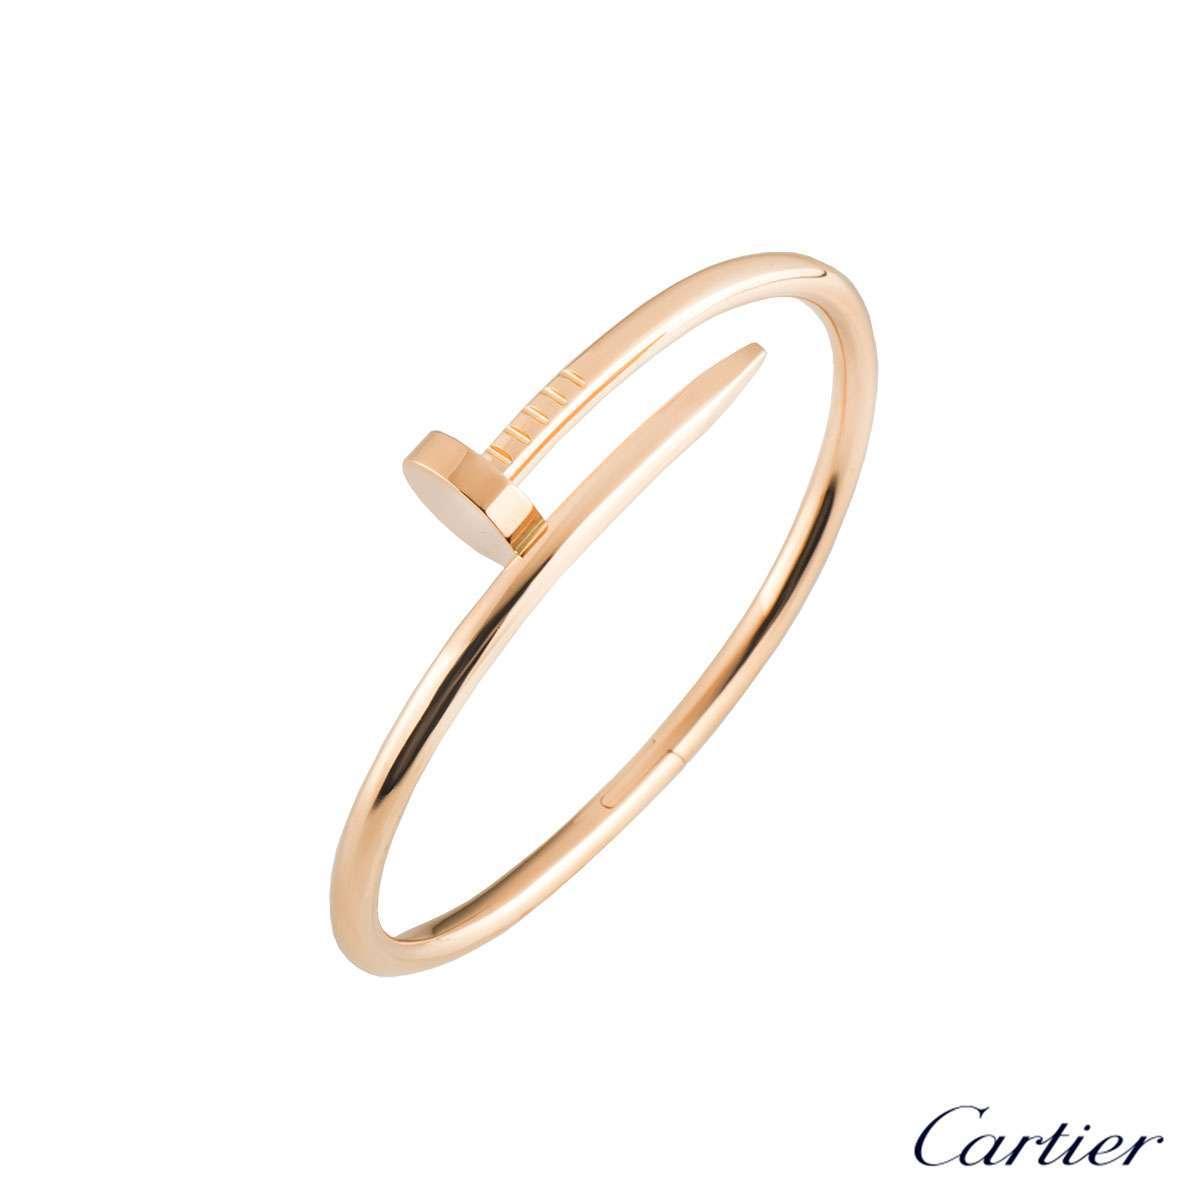 Cartier Rose Gold Plain Juste Un Clou Bracelet Size 20 B6048120